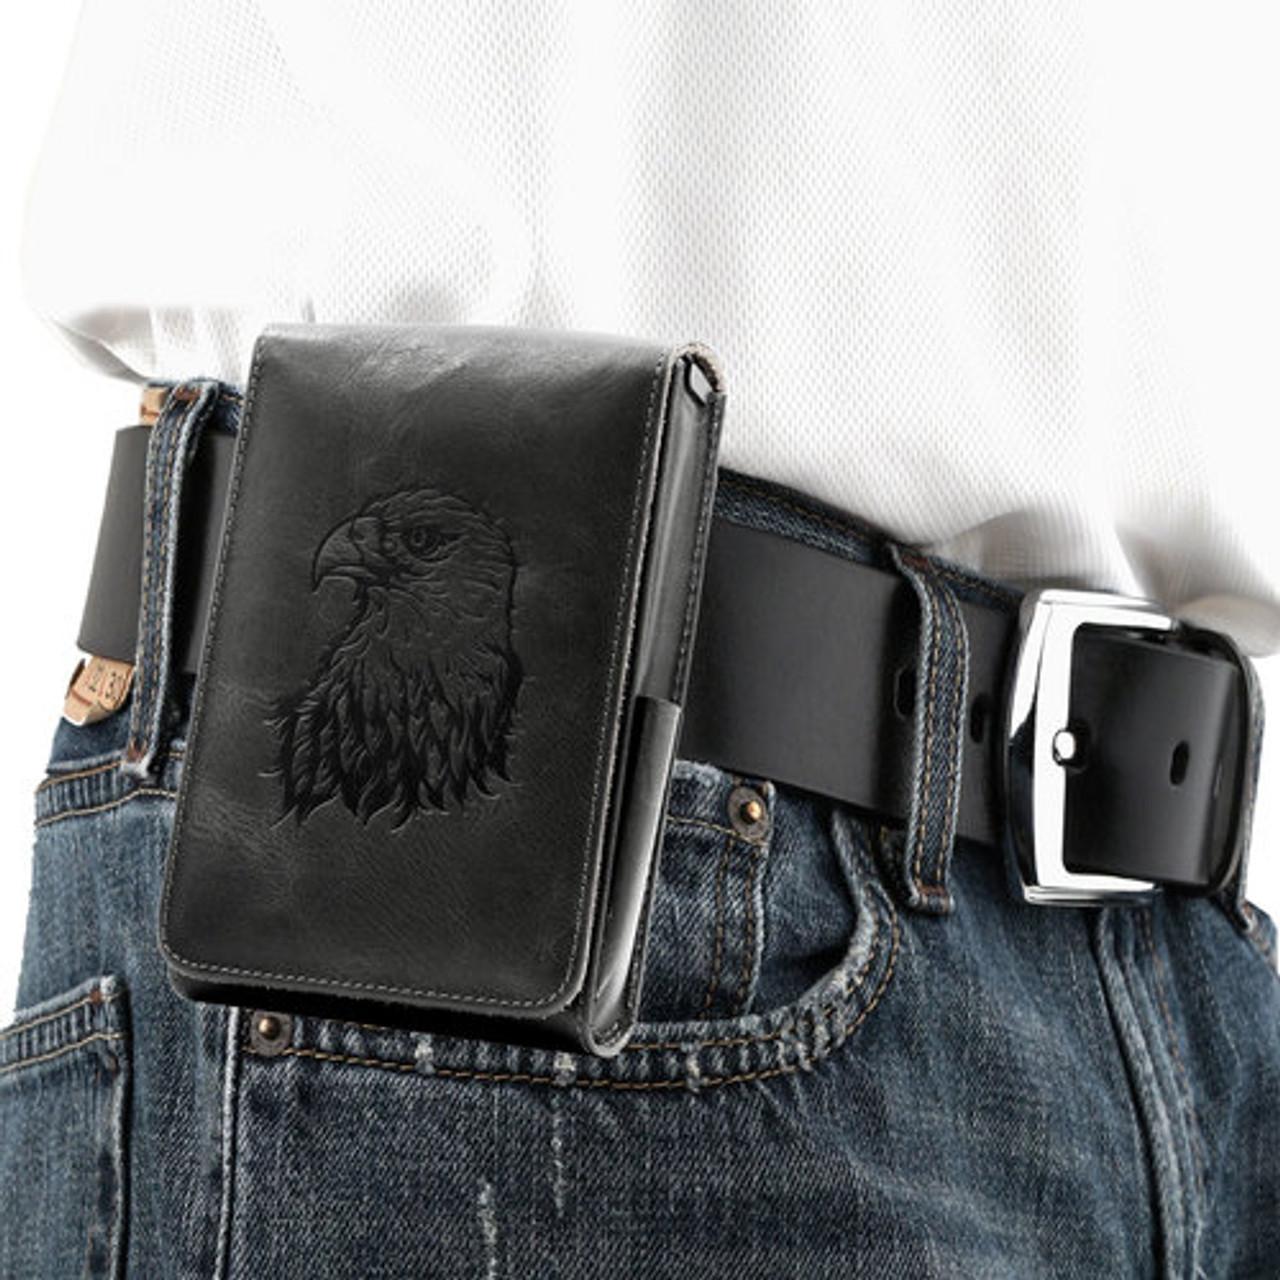 Colt Lightweight Defender Black Freedom Series Holster